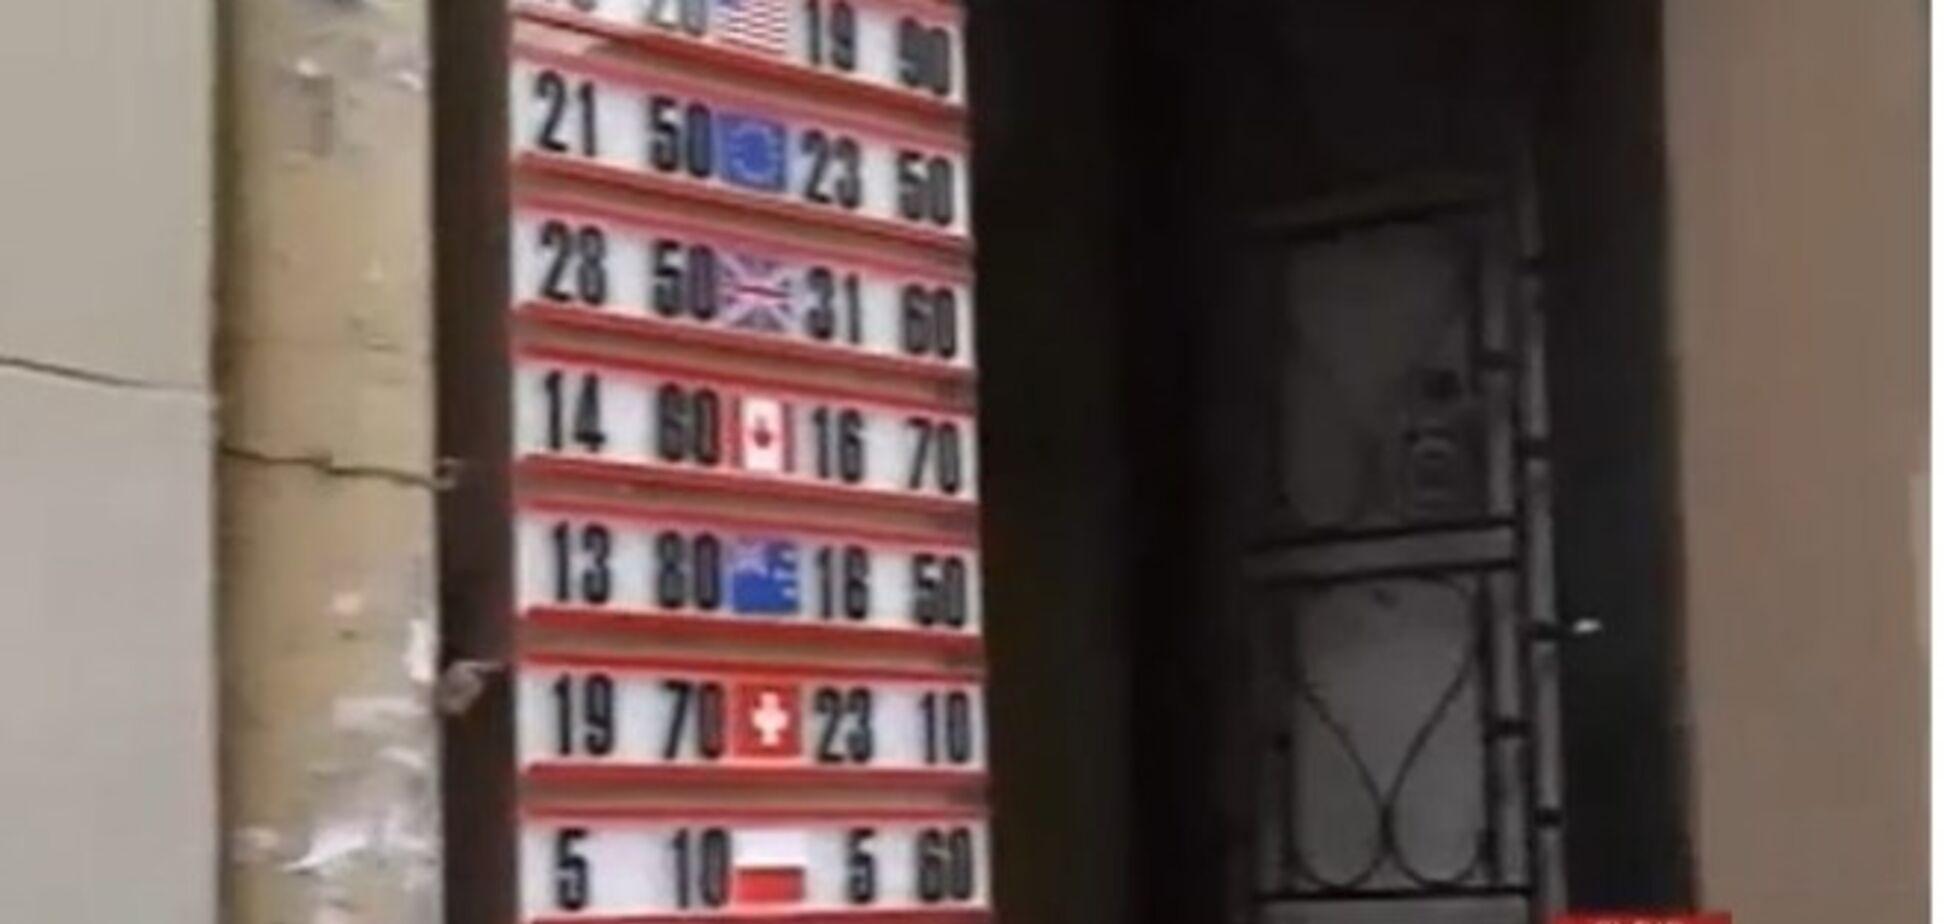 Во Львове грабители украли из обменника полмиллиона гривен: опубликовано видео